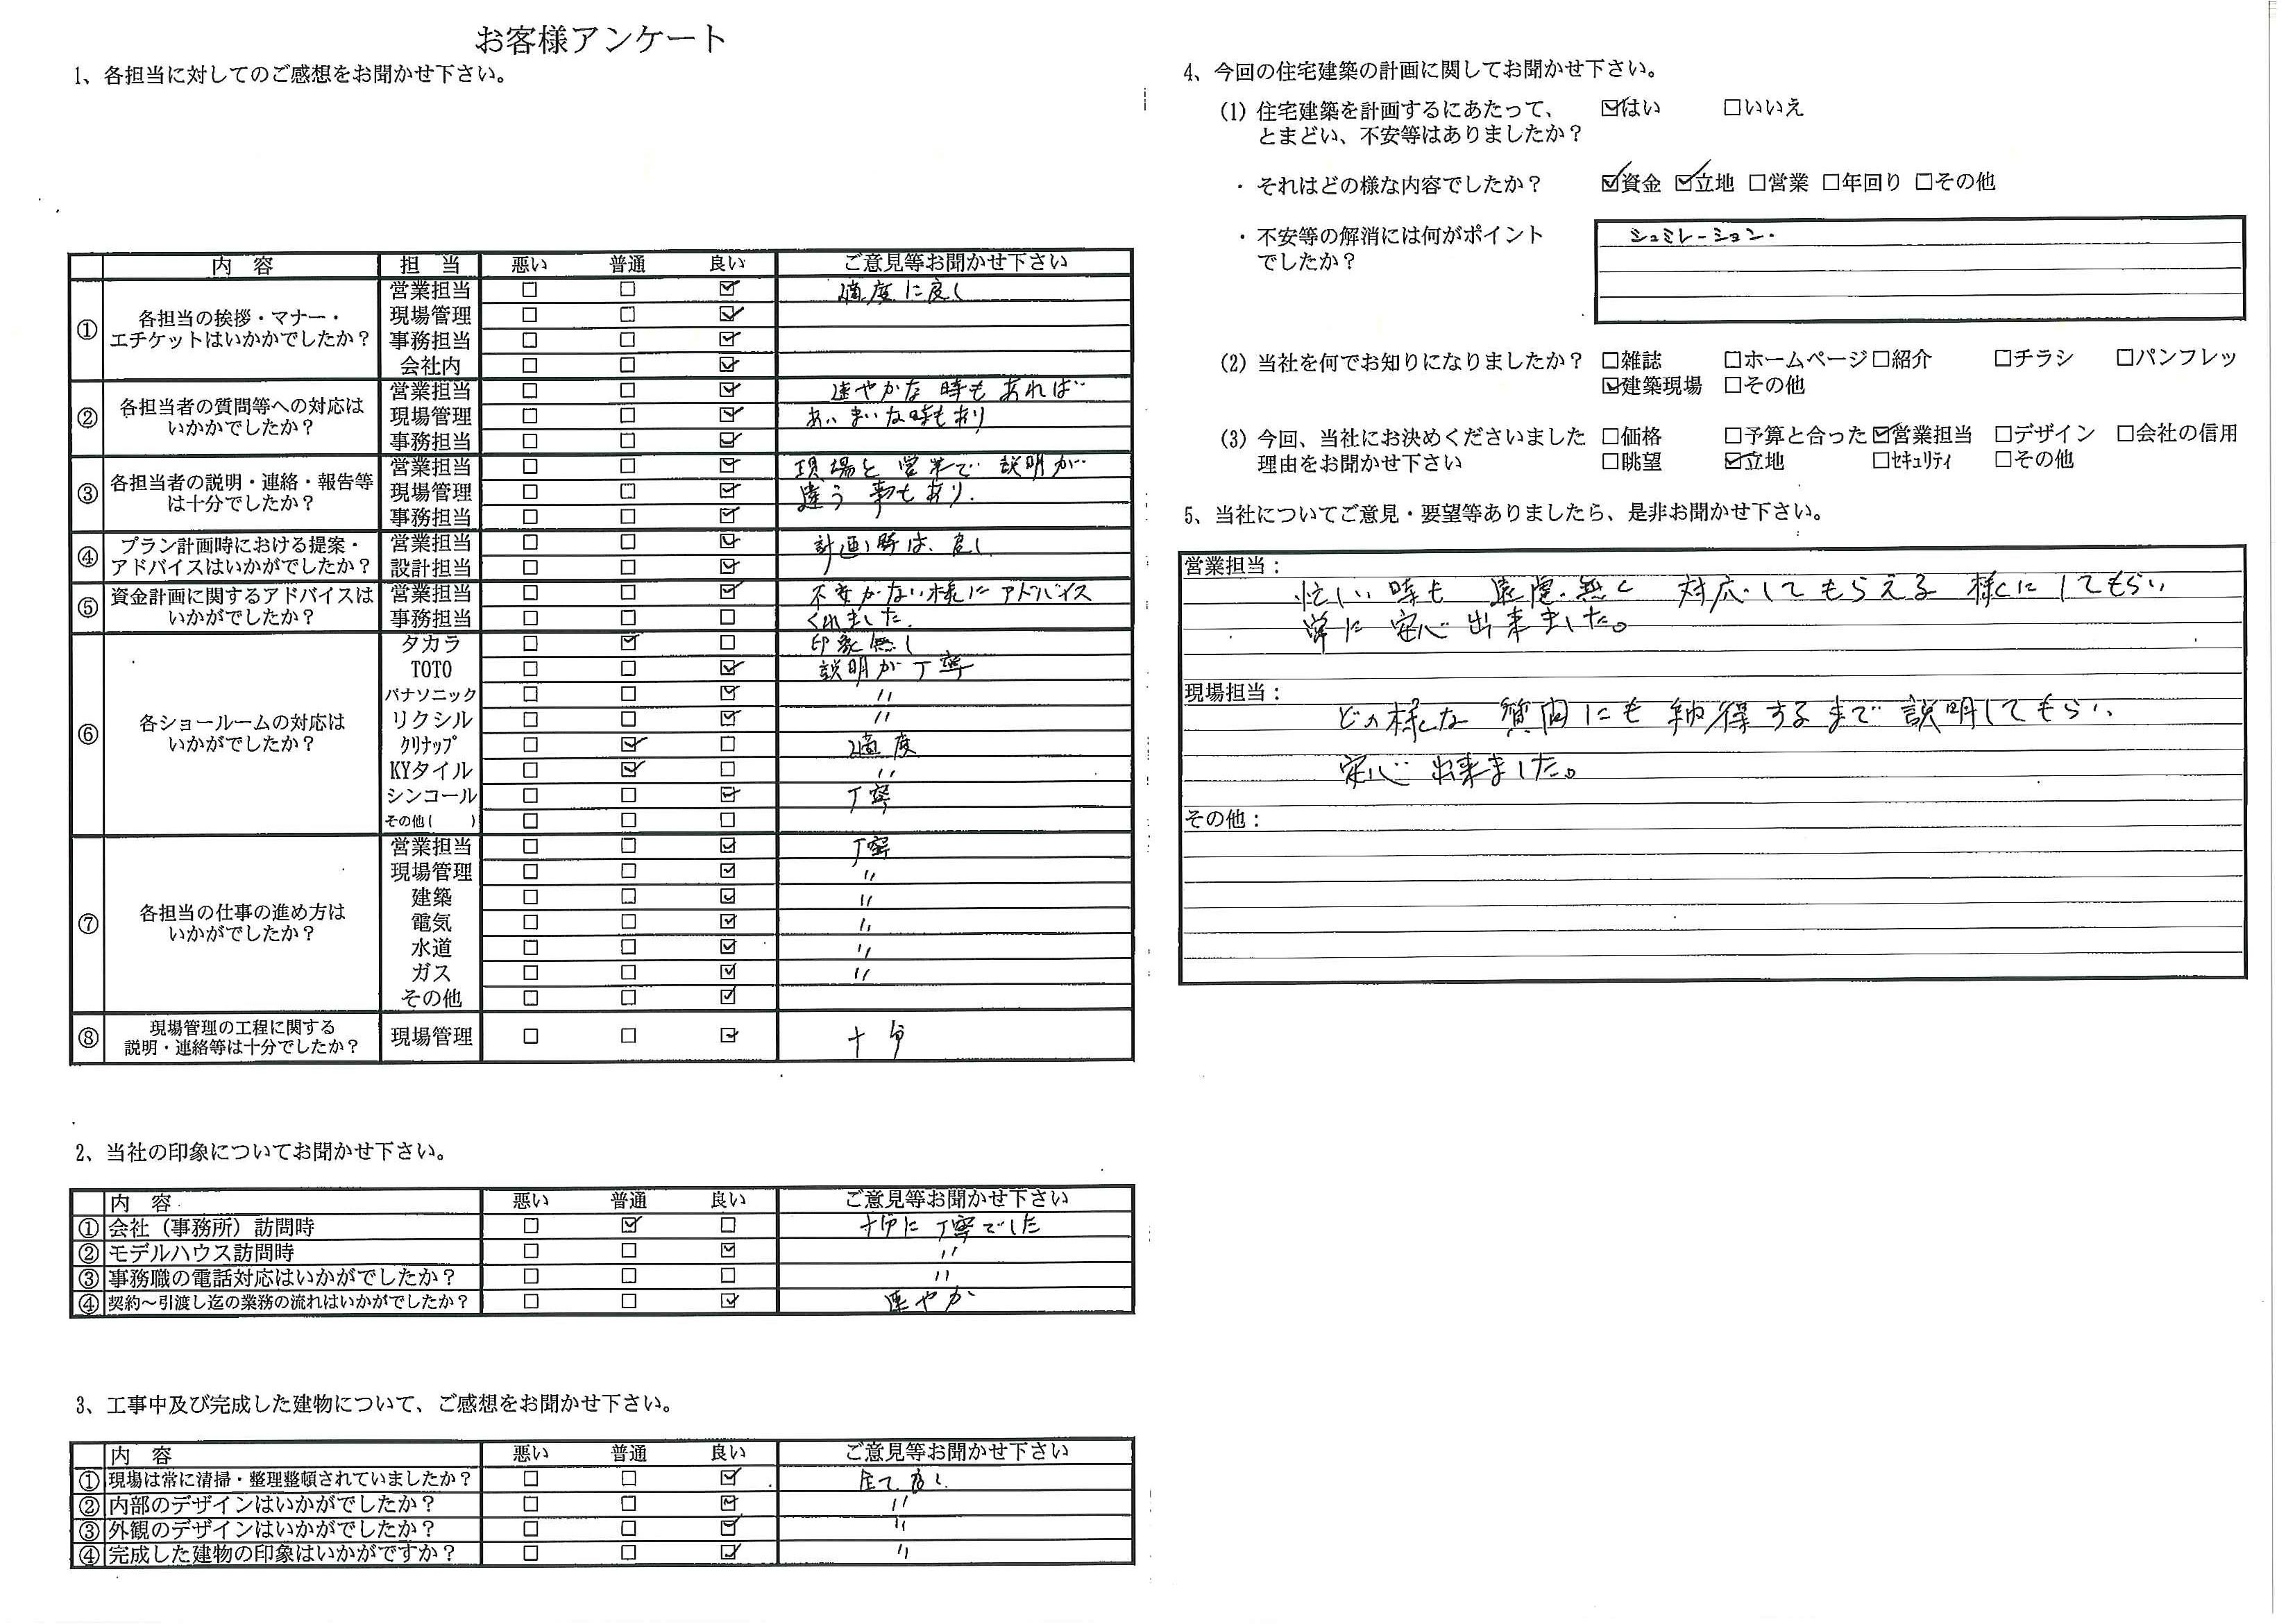 20170803_お客様アンケート